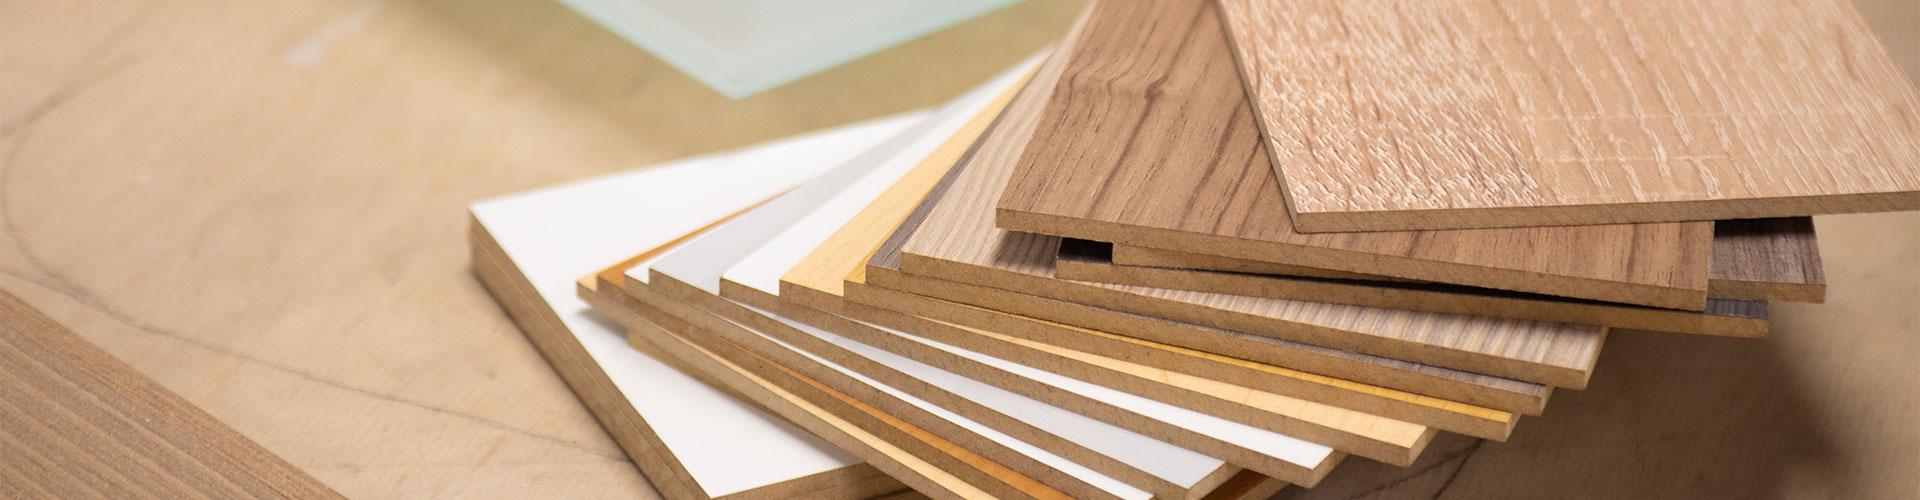 Verschiedene Materialien für den Innenausbau